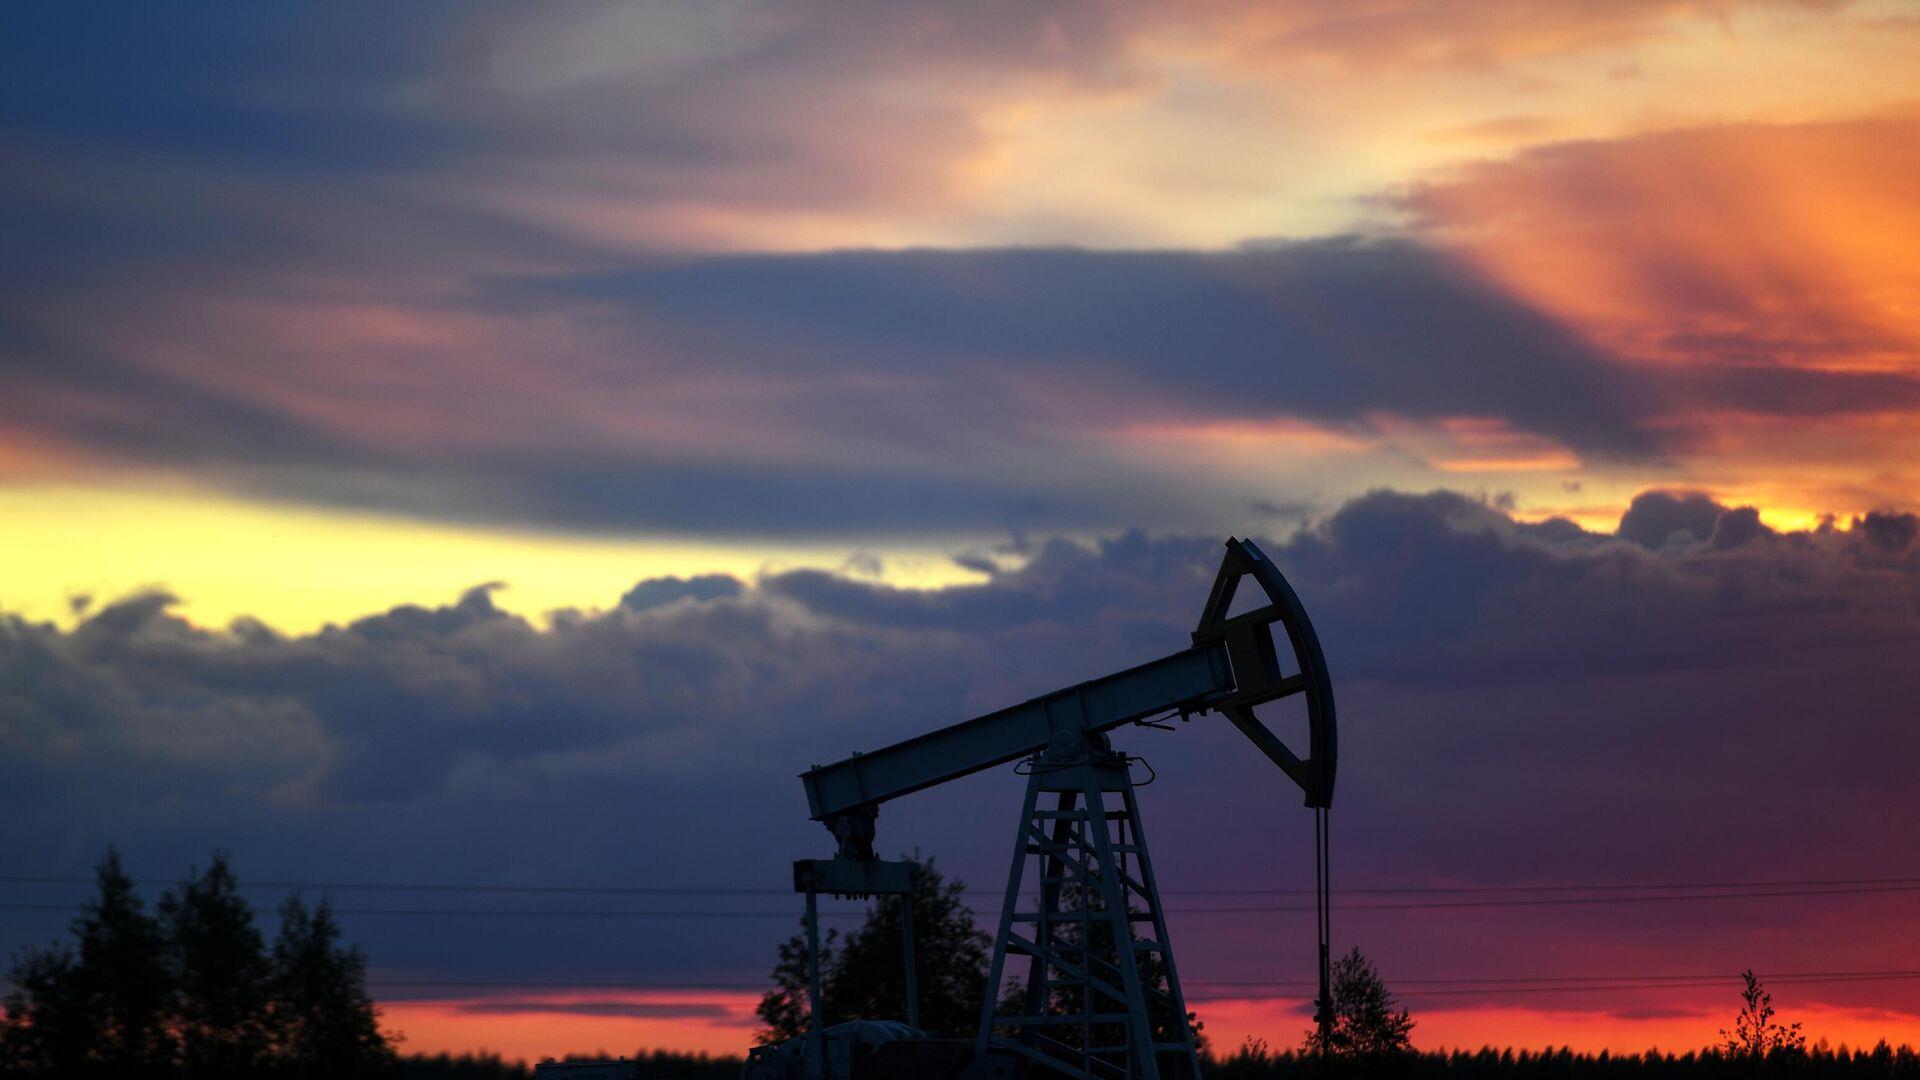 Нефтяная качалка в Республике Татарстан - РИА Новости, 1920, 01.09.2021